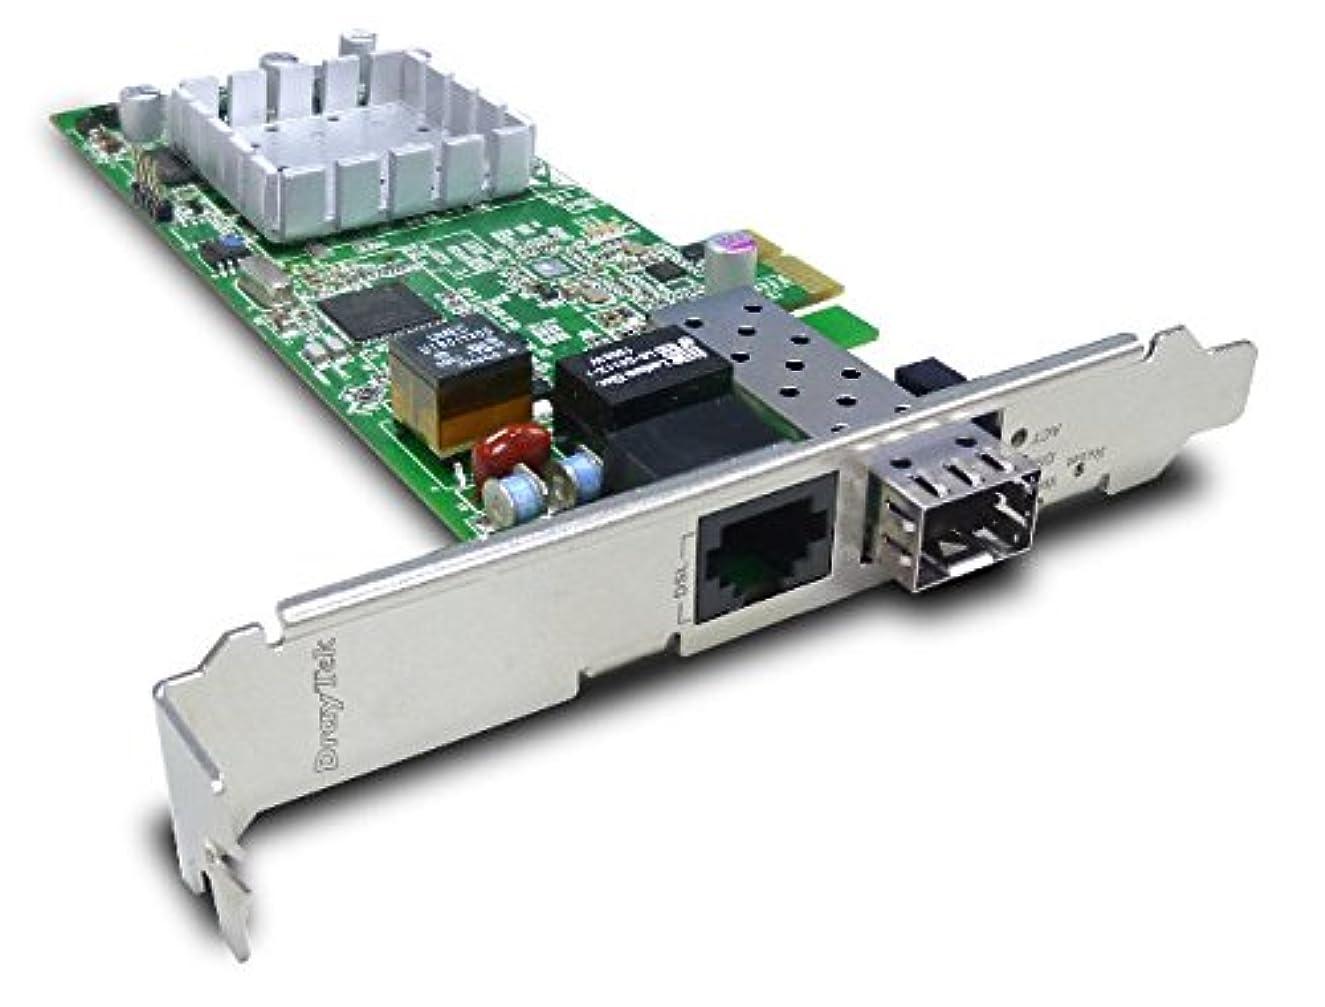 Draytek Vigornic 132F Xdsl PCIe Modem/Router Annex B Gigabit LAN DHCP VDSL 2 and Adsl 2 Modem